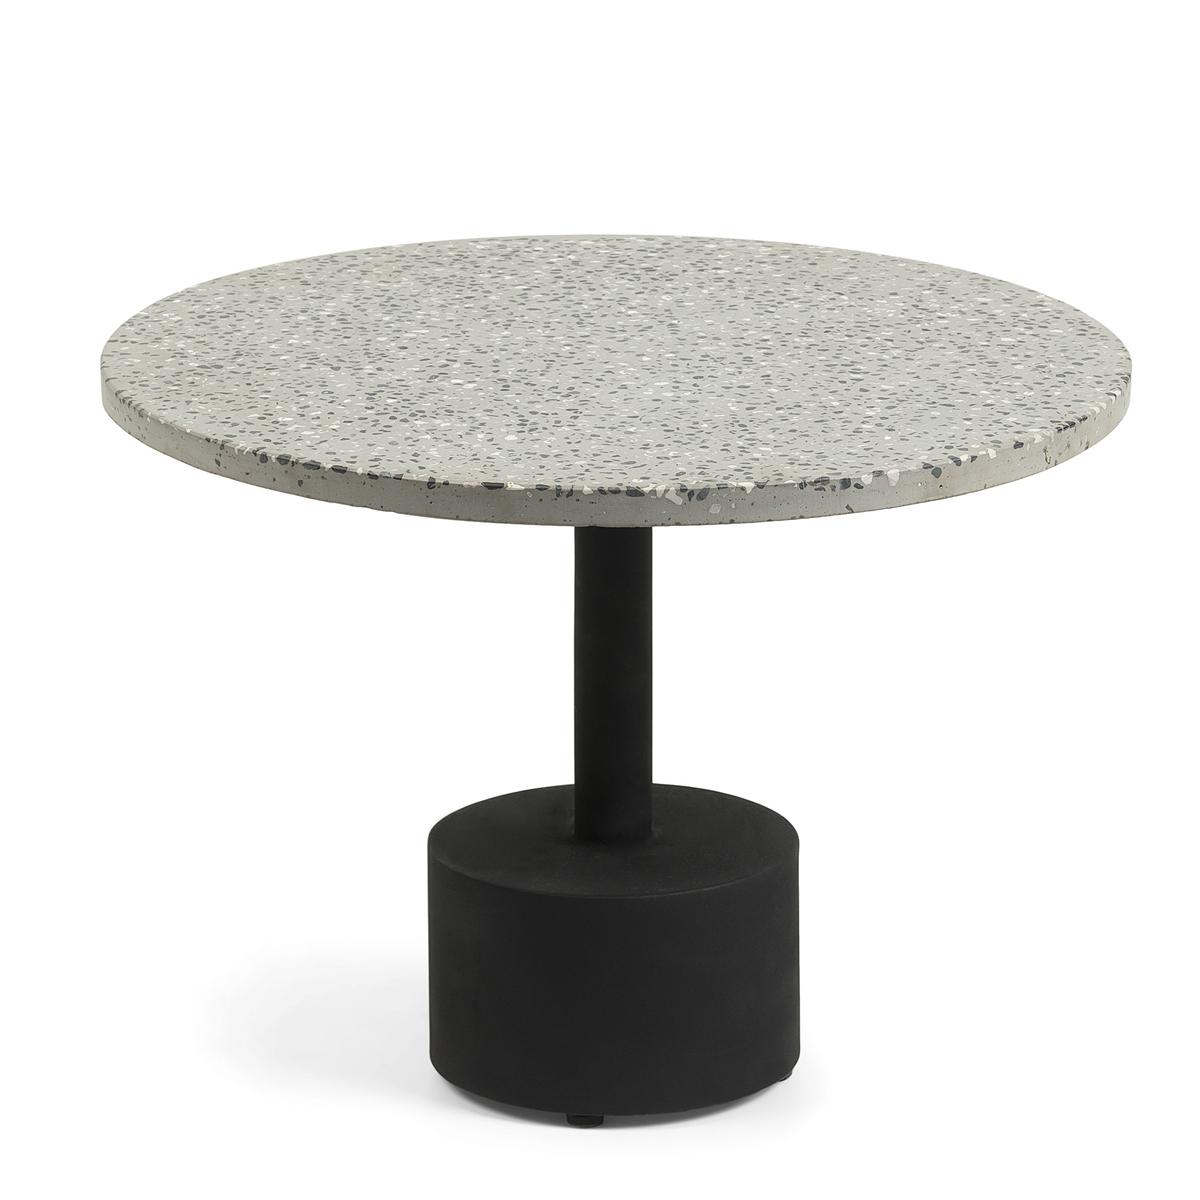 Table d'appoint avec plateau en terrazzo - Métal - Ø 55 cm x H 40 cm